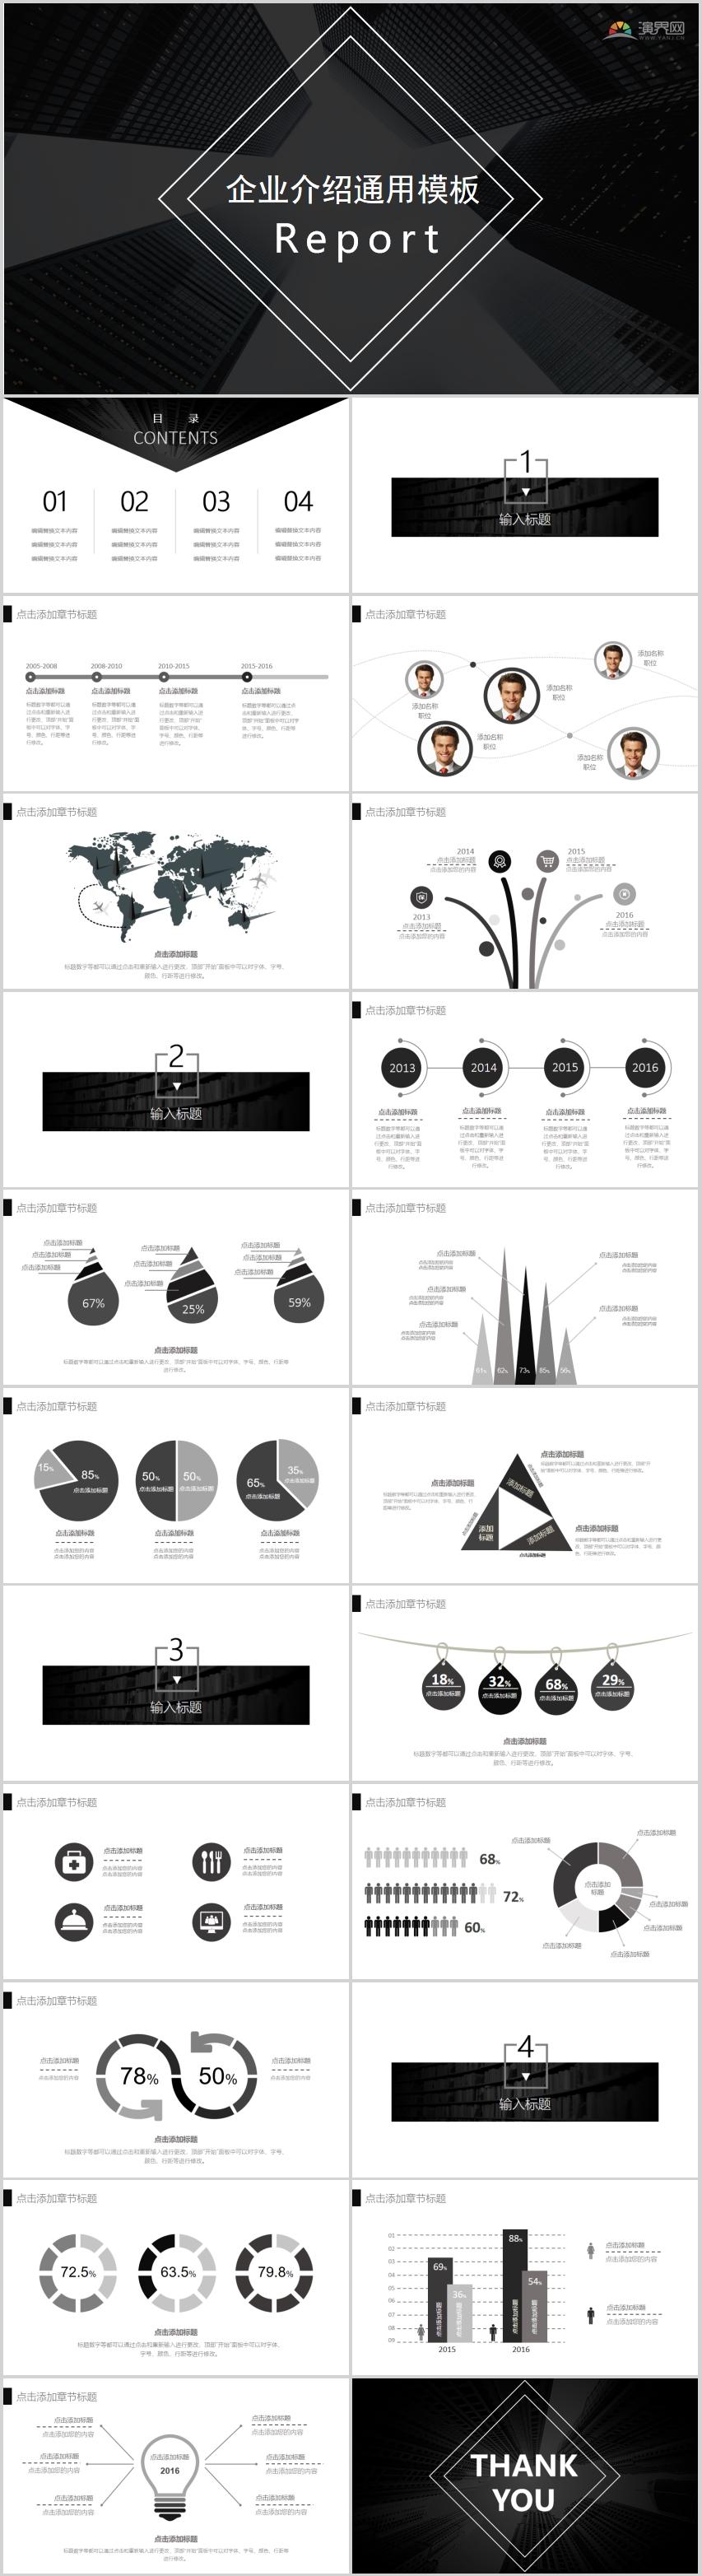 黑色商务风简约大气企业介绍介绍通用PPT模板